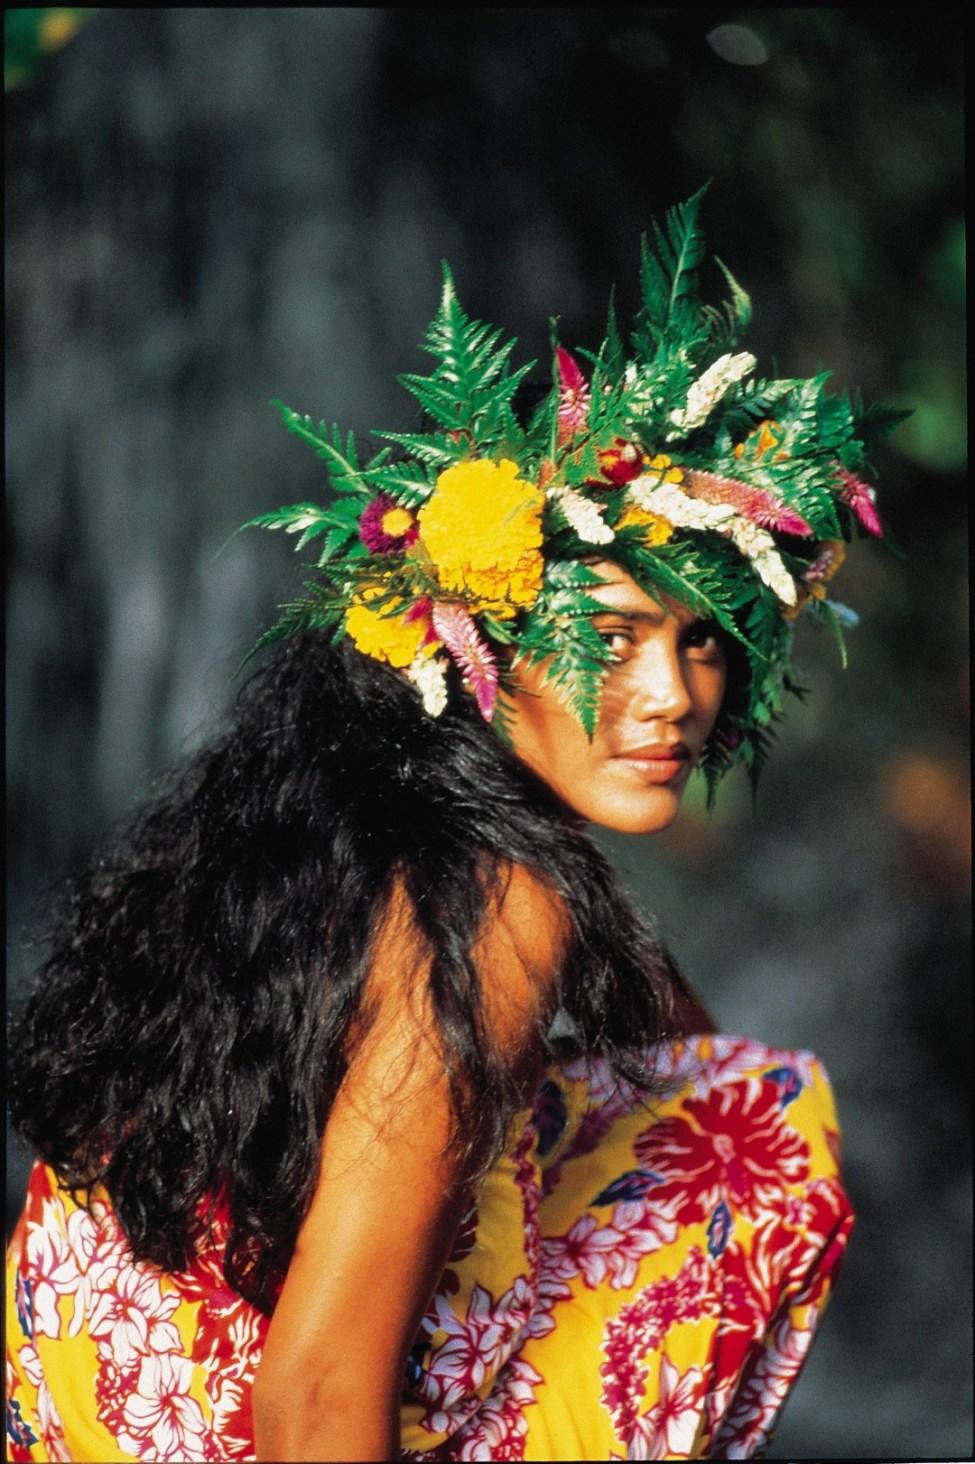 Vahiné ou femme en tahitien, vêtue d'un paréo et d'une couronne de fleurs